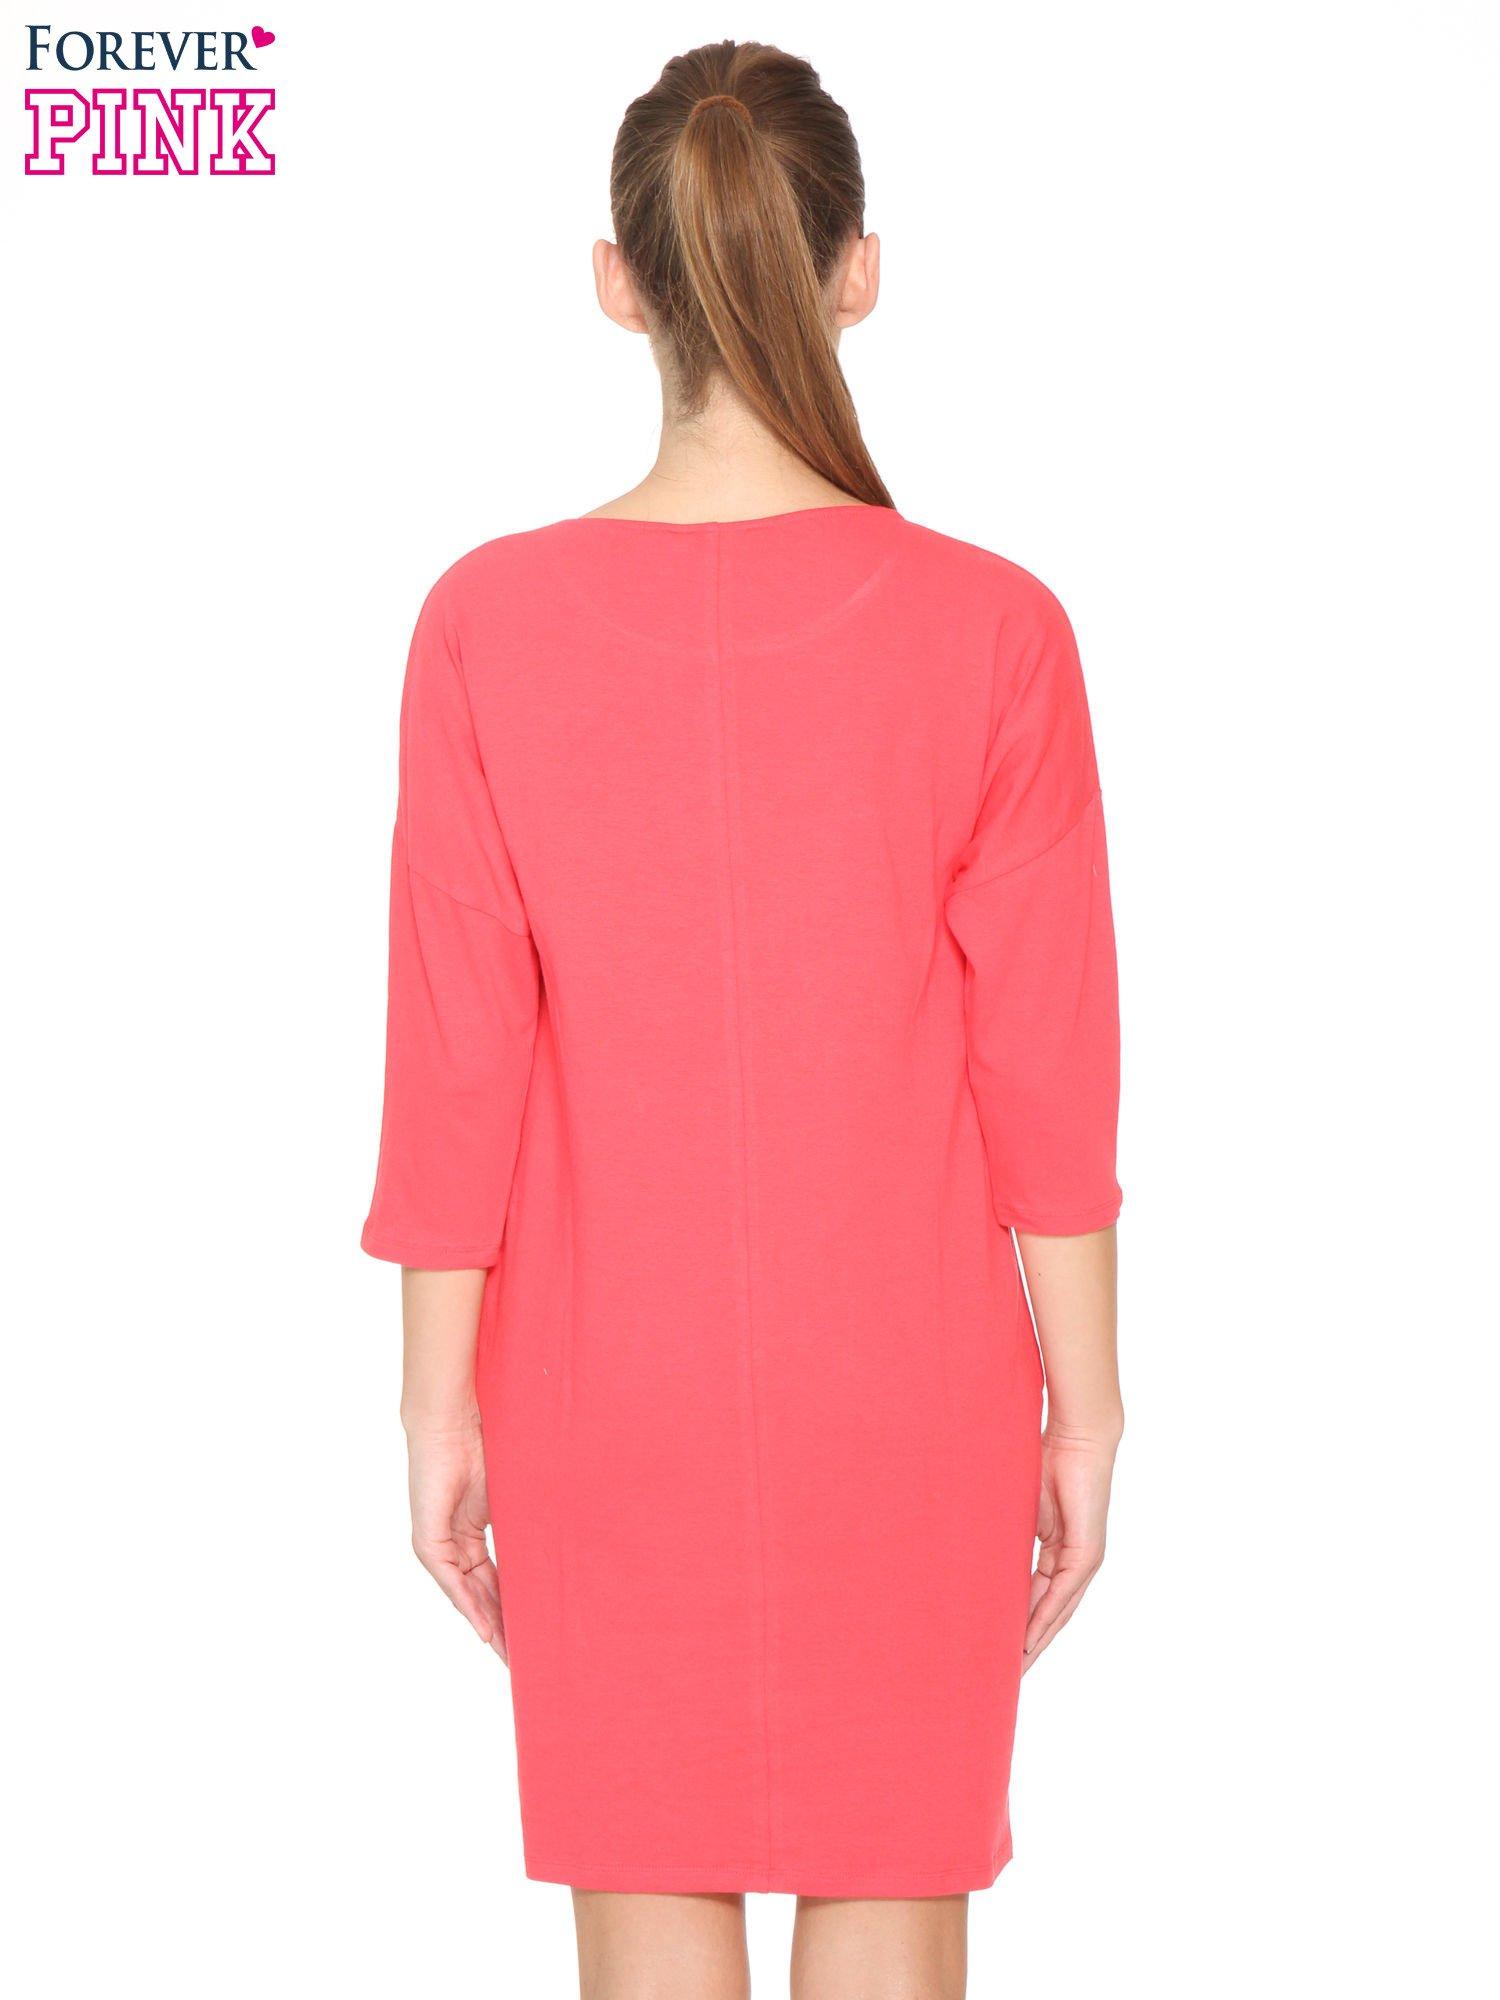 Ciemnokoralowa sukienka dresowa z kieszeniami                                  zdj.                                  4